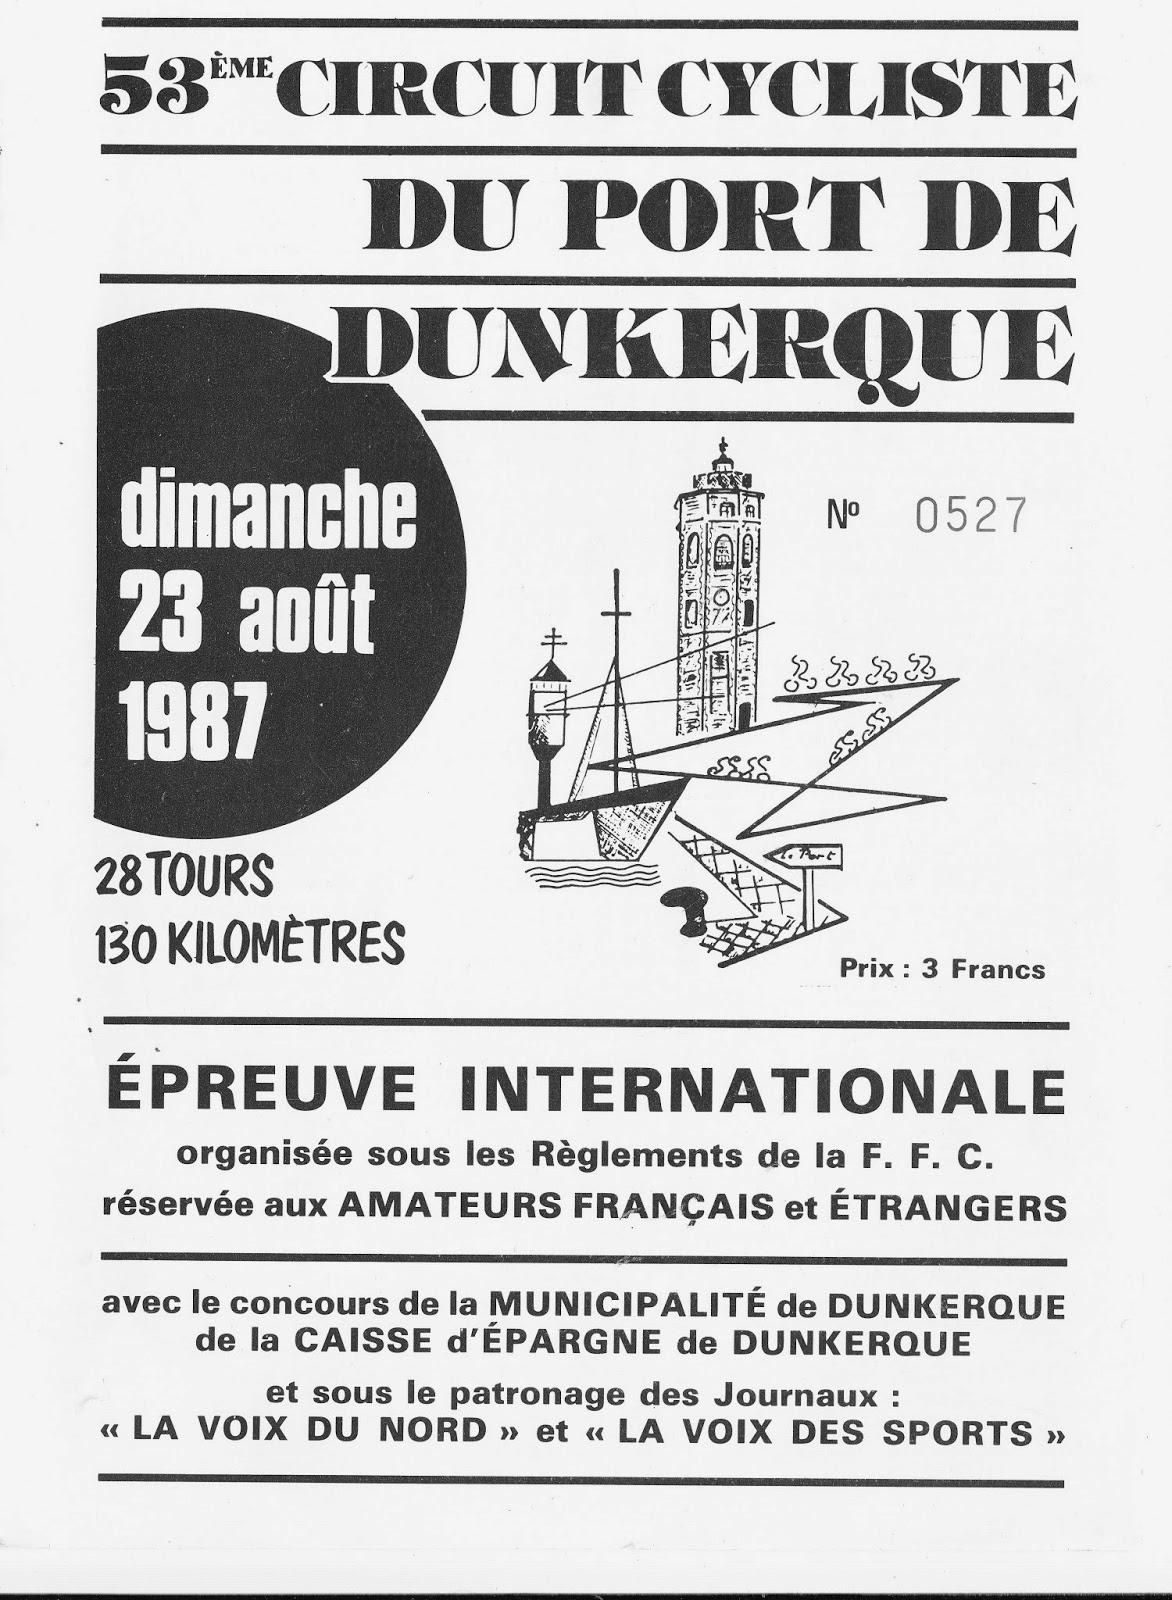 Circuit Cycliste du Port de Dunkerque 1987